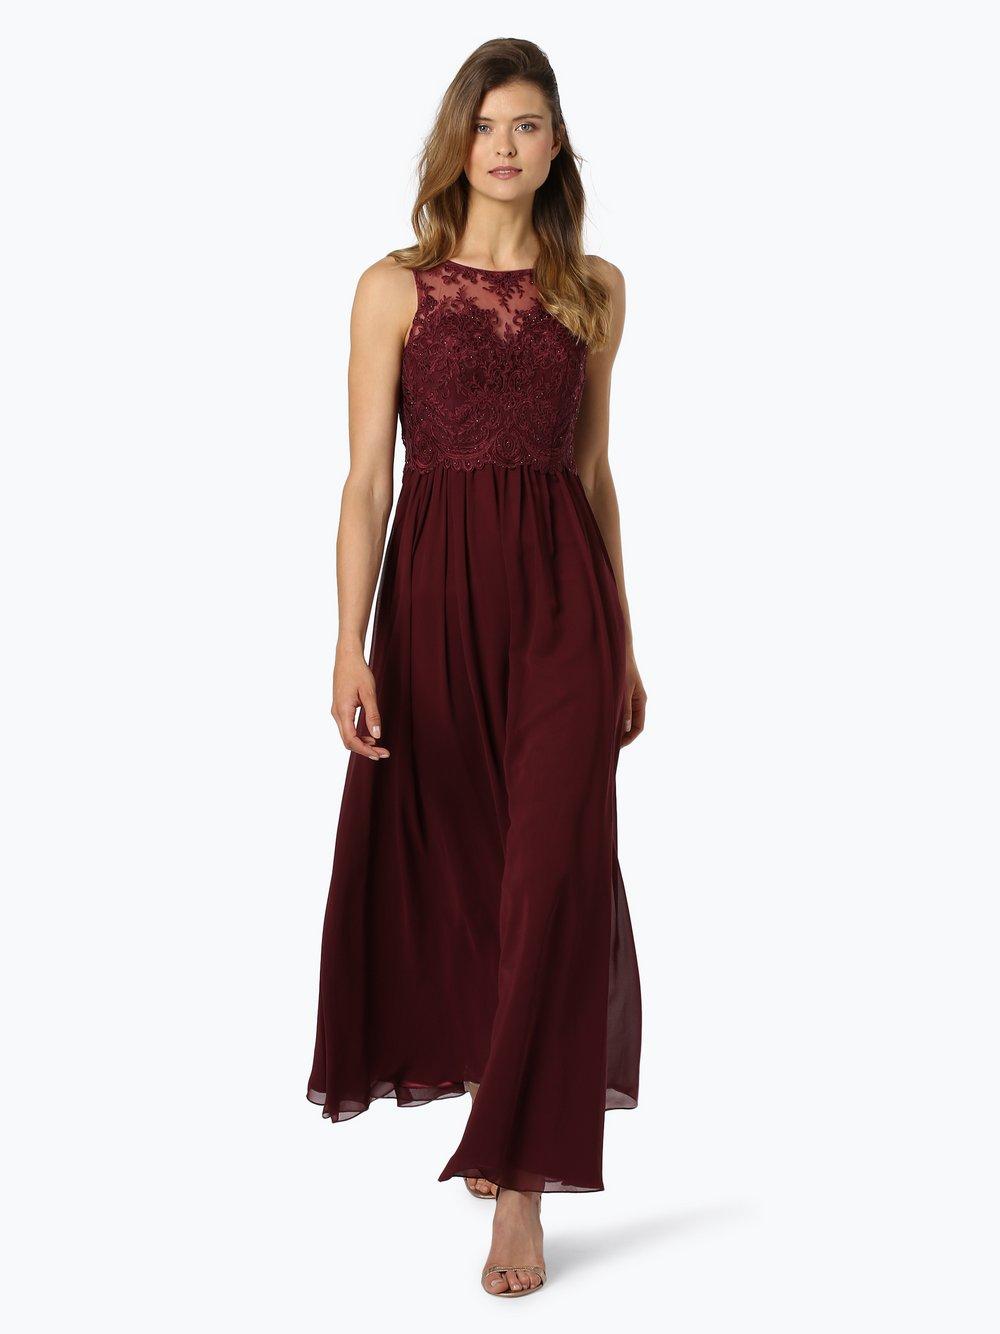 Laona – Damska sukienka wieczorowa, czerwony Van Graaf 432627-0004-09920